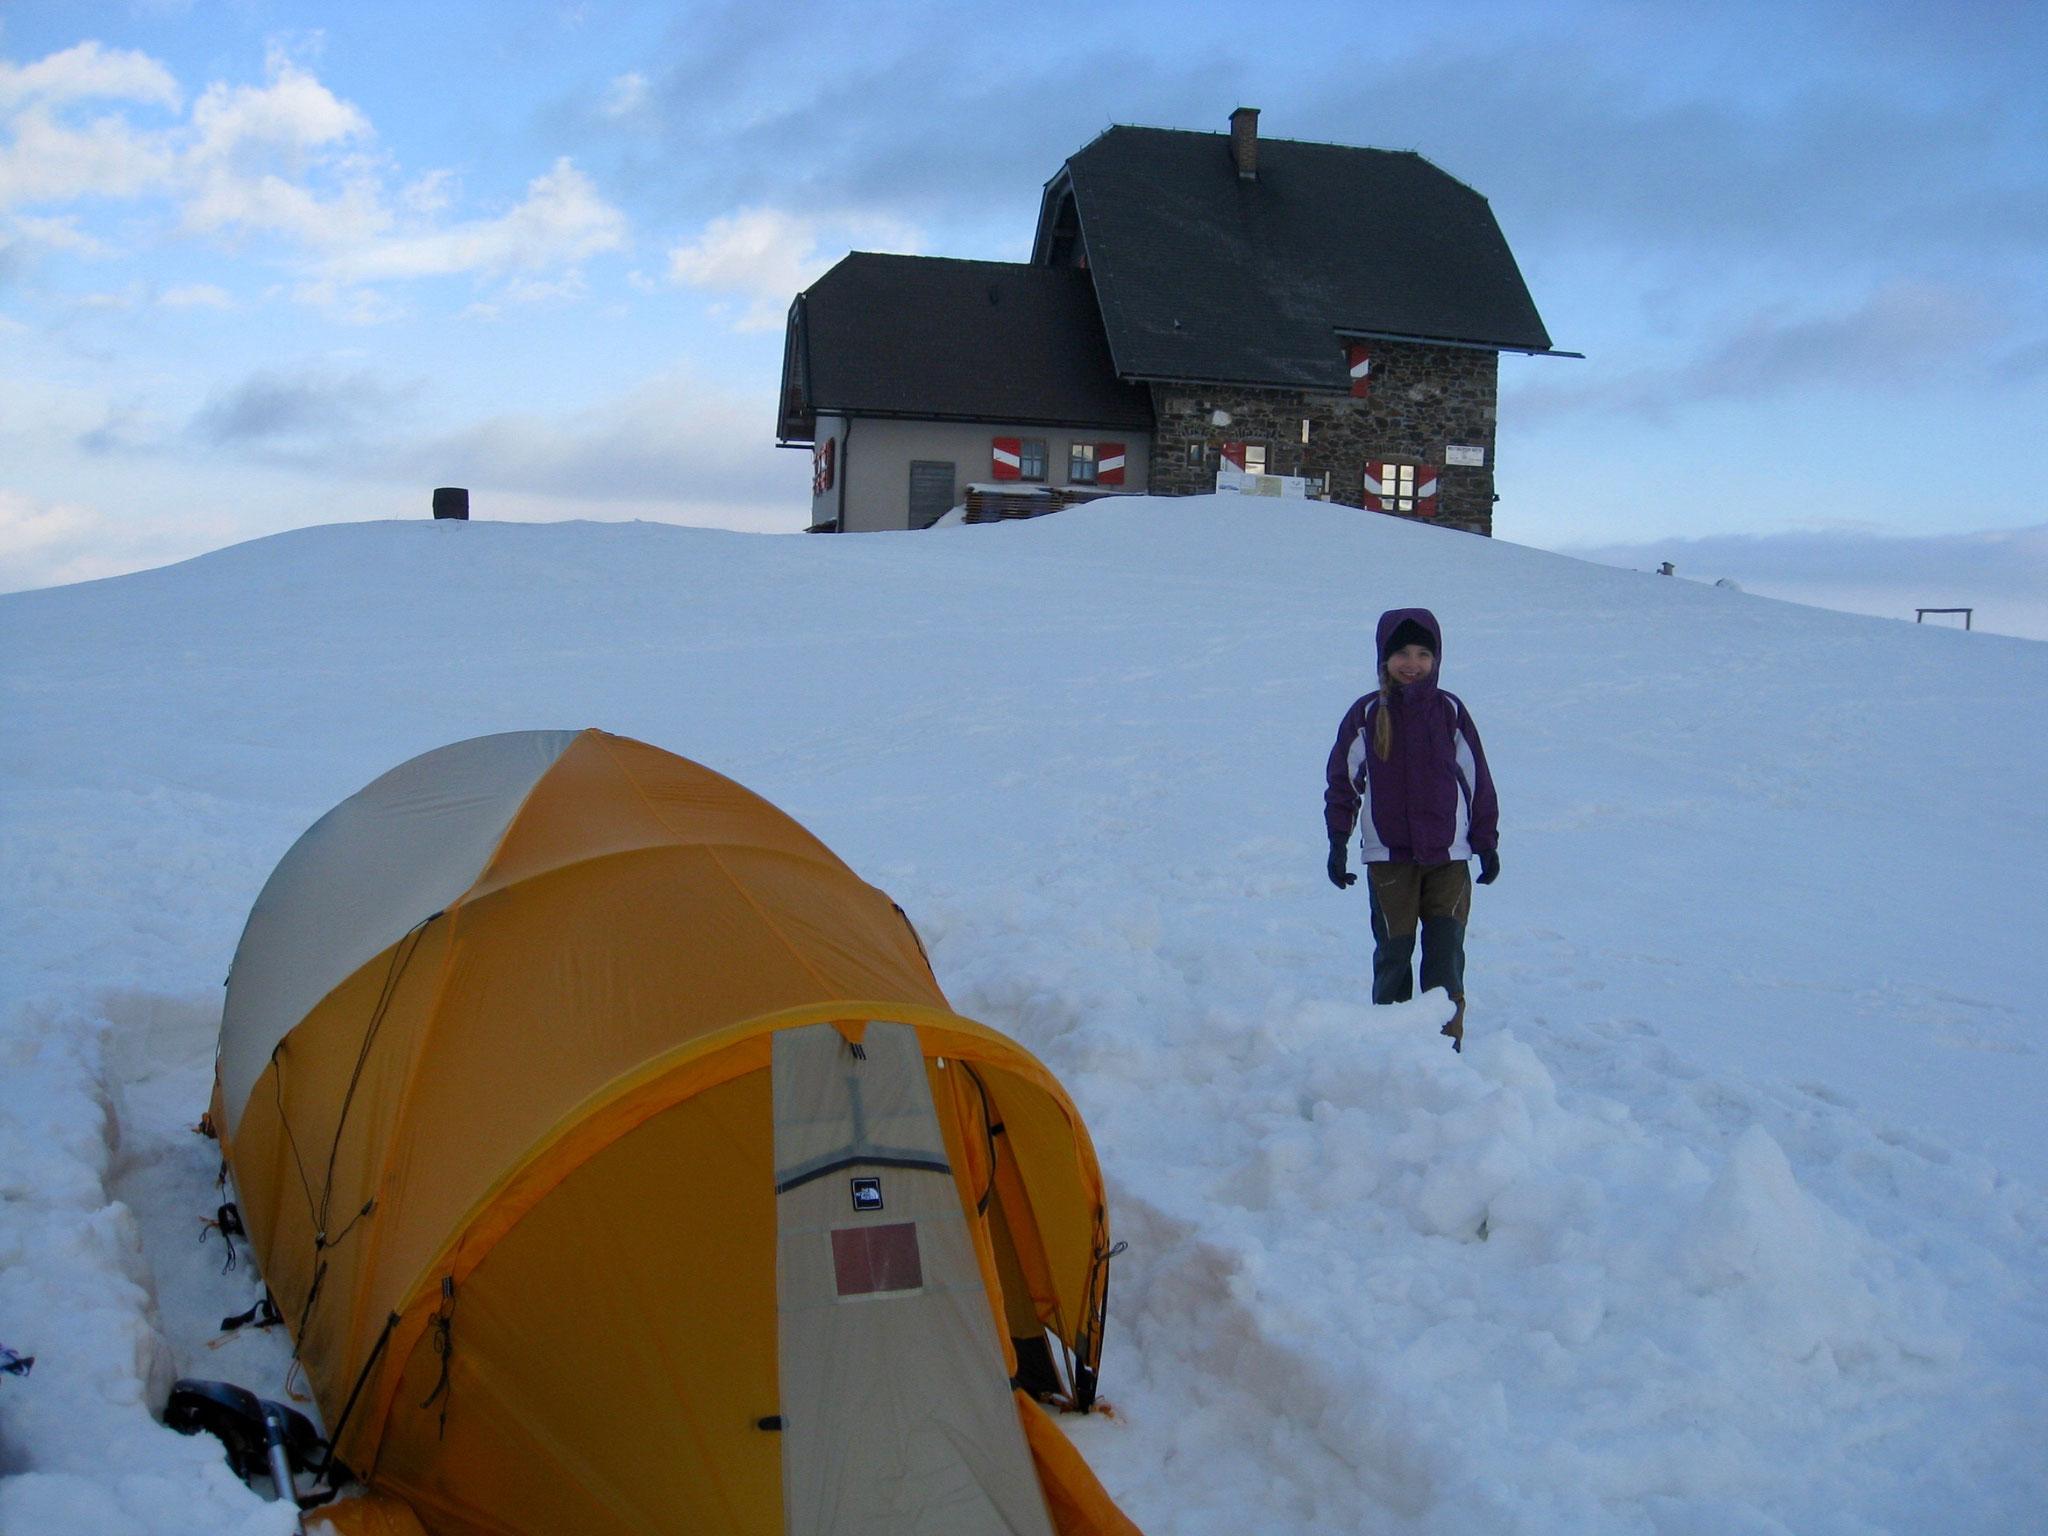 Die Hütte im Hintergrund.